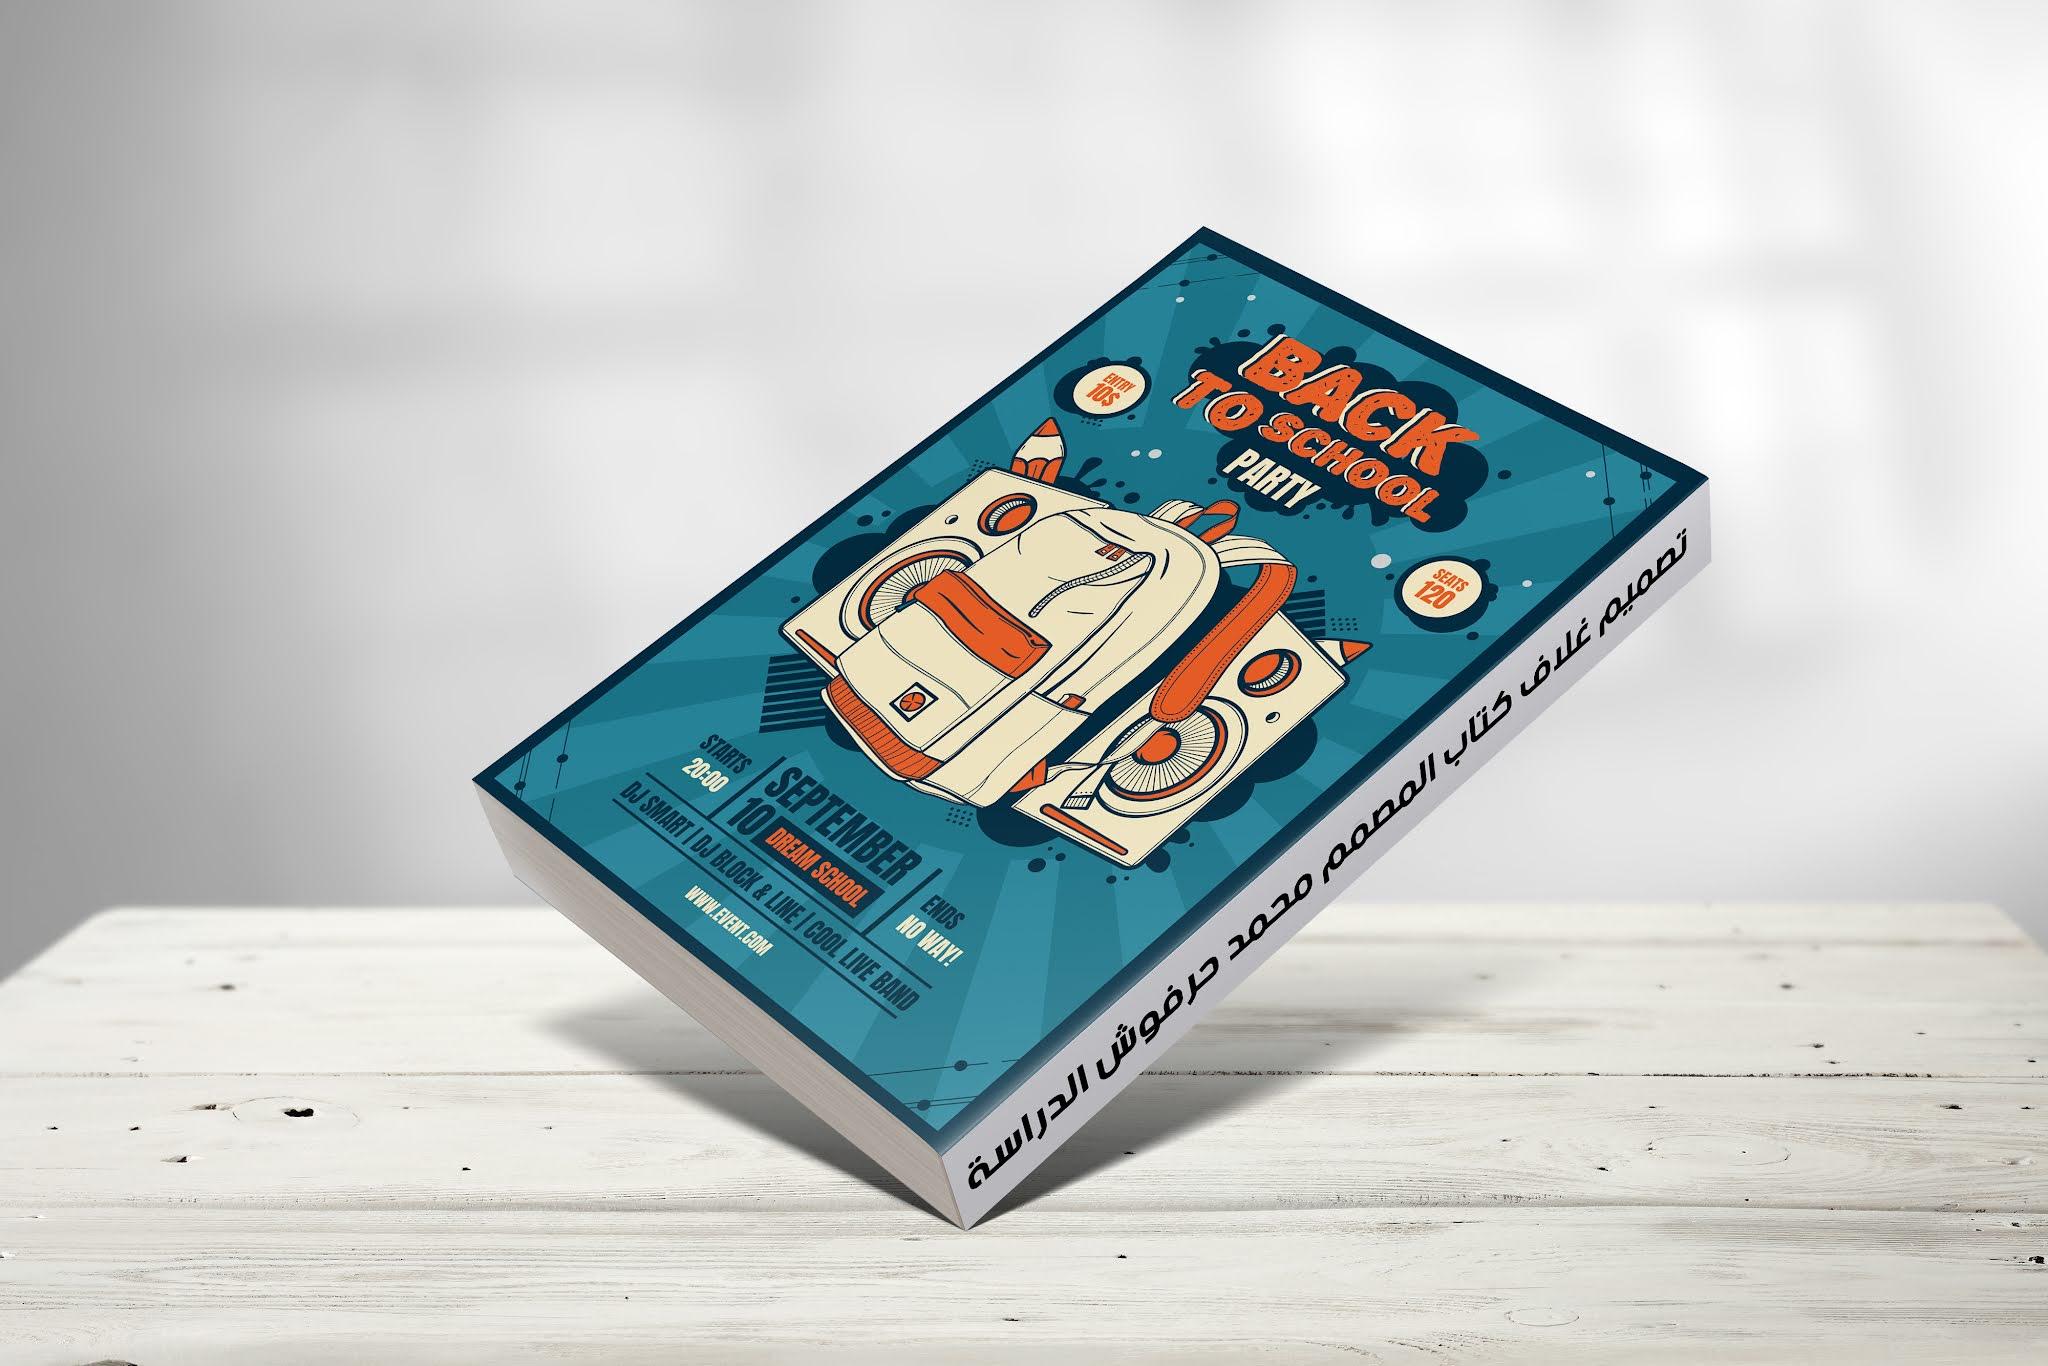 تحميل غلاف كتاب ومذكرة للمدارس PSD يصلح فلاير بوستر اللون الكحلى الجميل